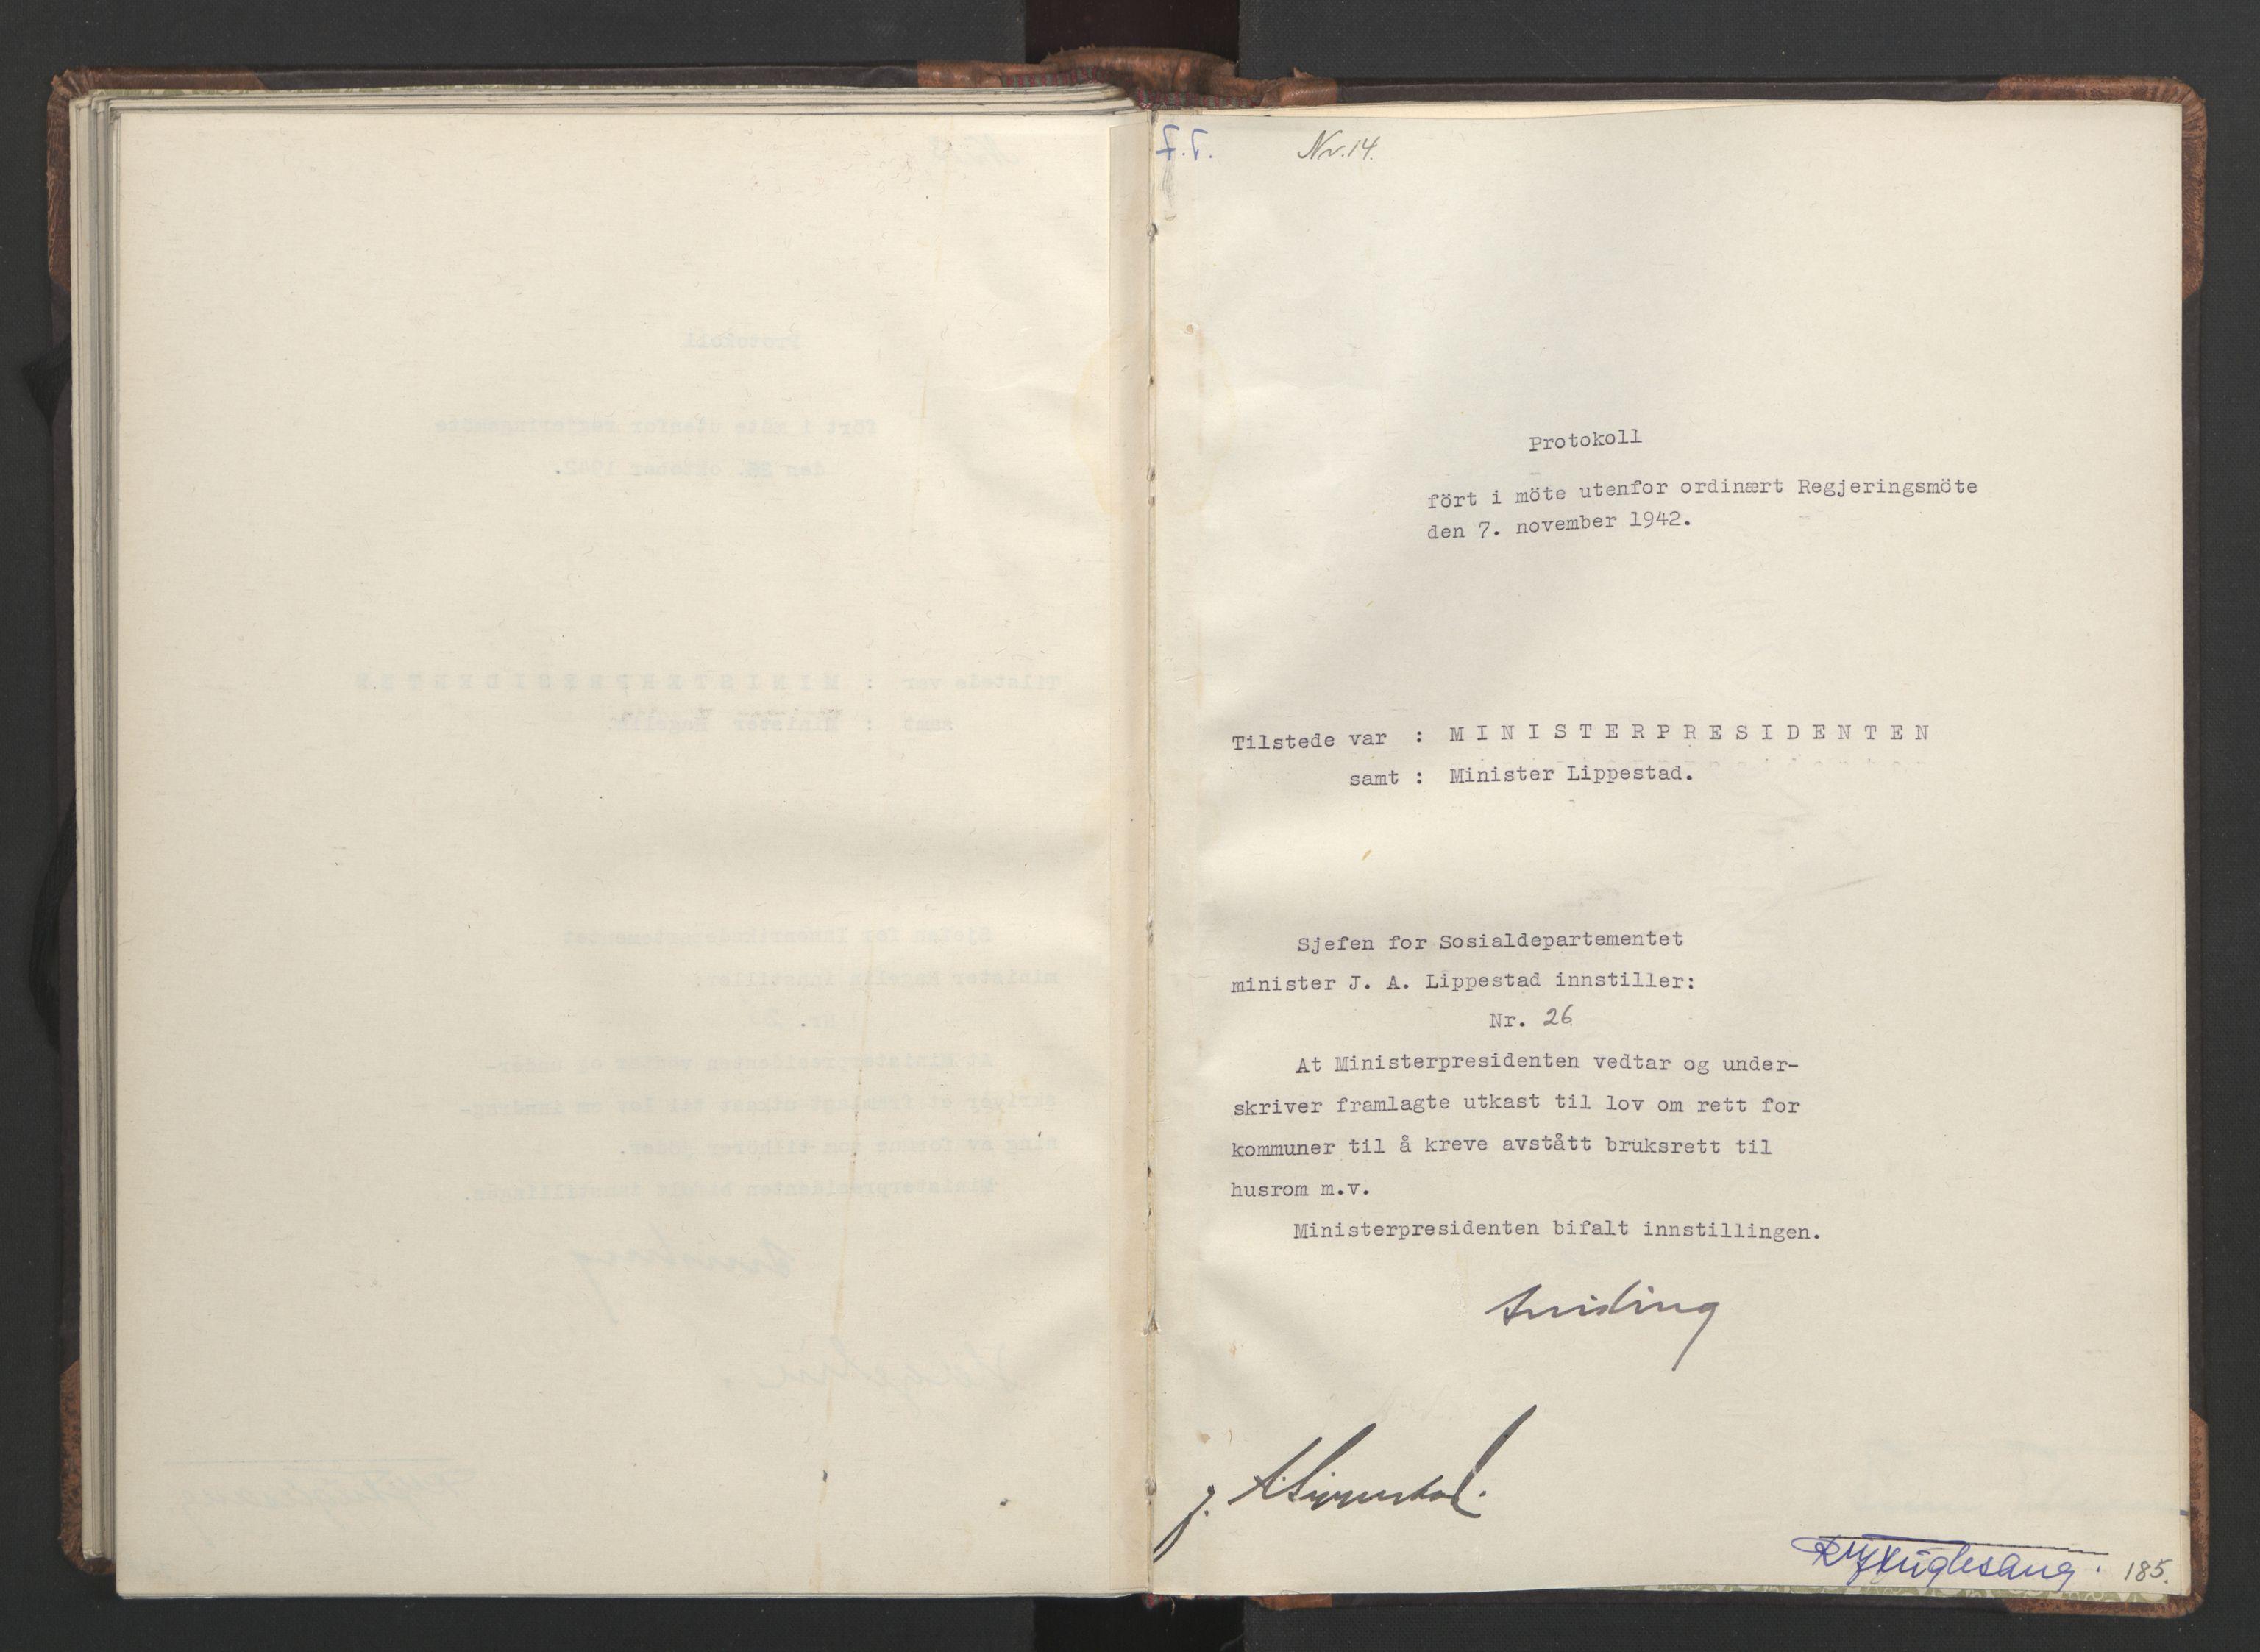 RA, NS-administrasjonen 1940-1945 (Statsrådsekretariatet, de kommisariske statsråder mm), D/Da/L0001: Beslutninger og tillegg (1-952 og 1-32), 1942, s. 184b-185a